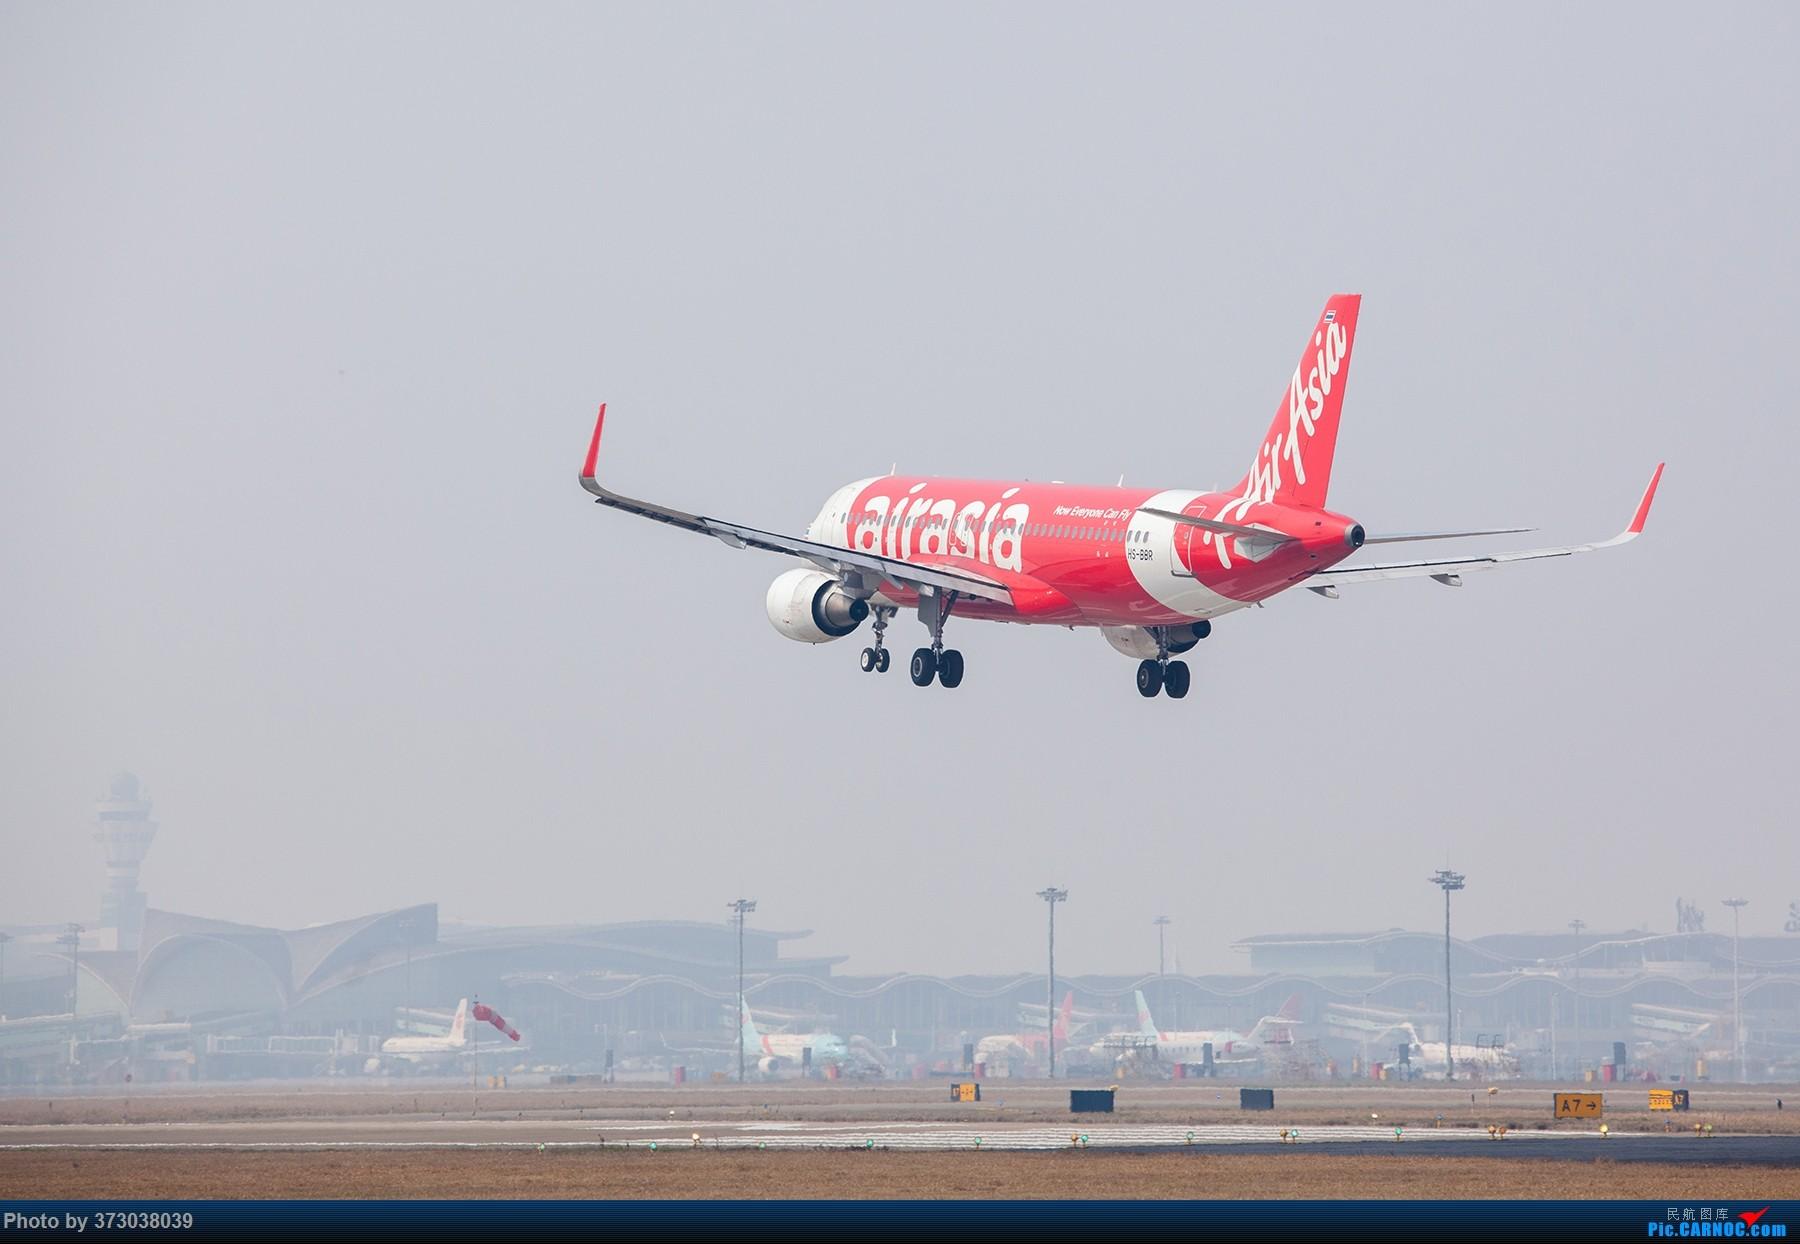 Re:[原创]【杭州飞友会】A320Neo迪士尼杭州萧山机场拍机班门弄斧记 AIRBUS A320-200 HS-BBR 中国杭州萧山国际机场